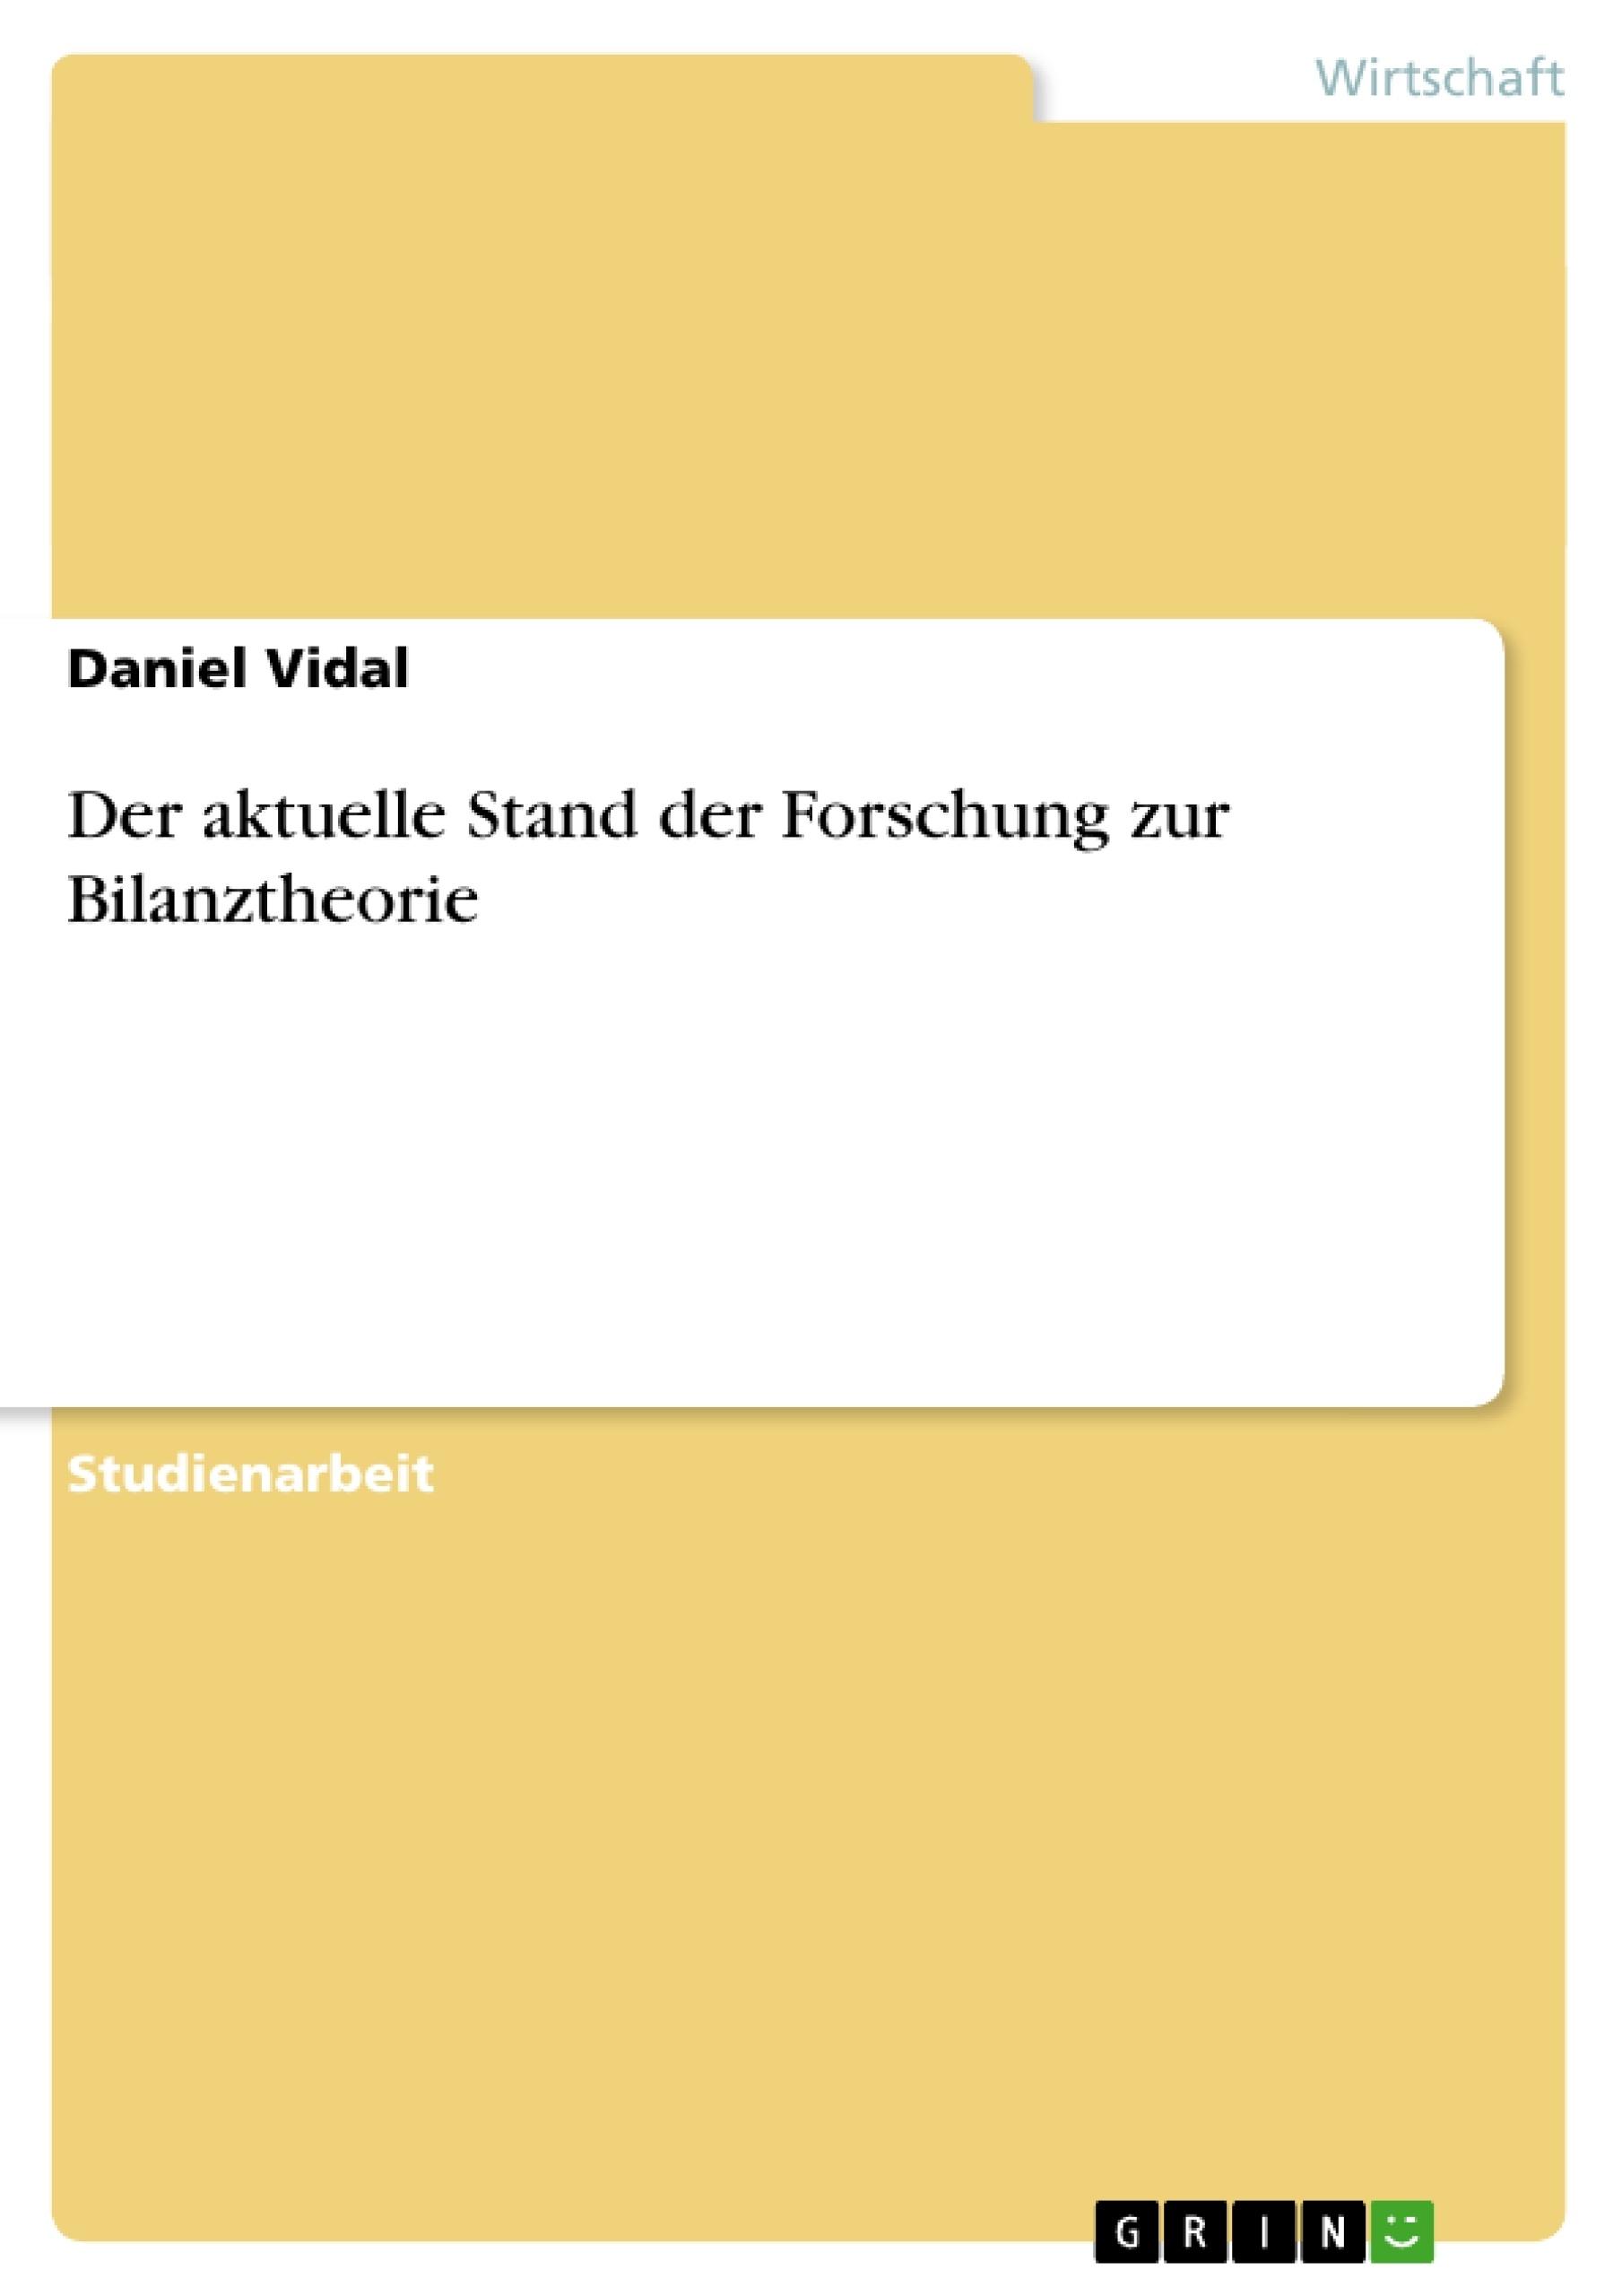 Titel: Der aktuelle Stand der Forschung zur Bilanztheorie (2012)